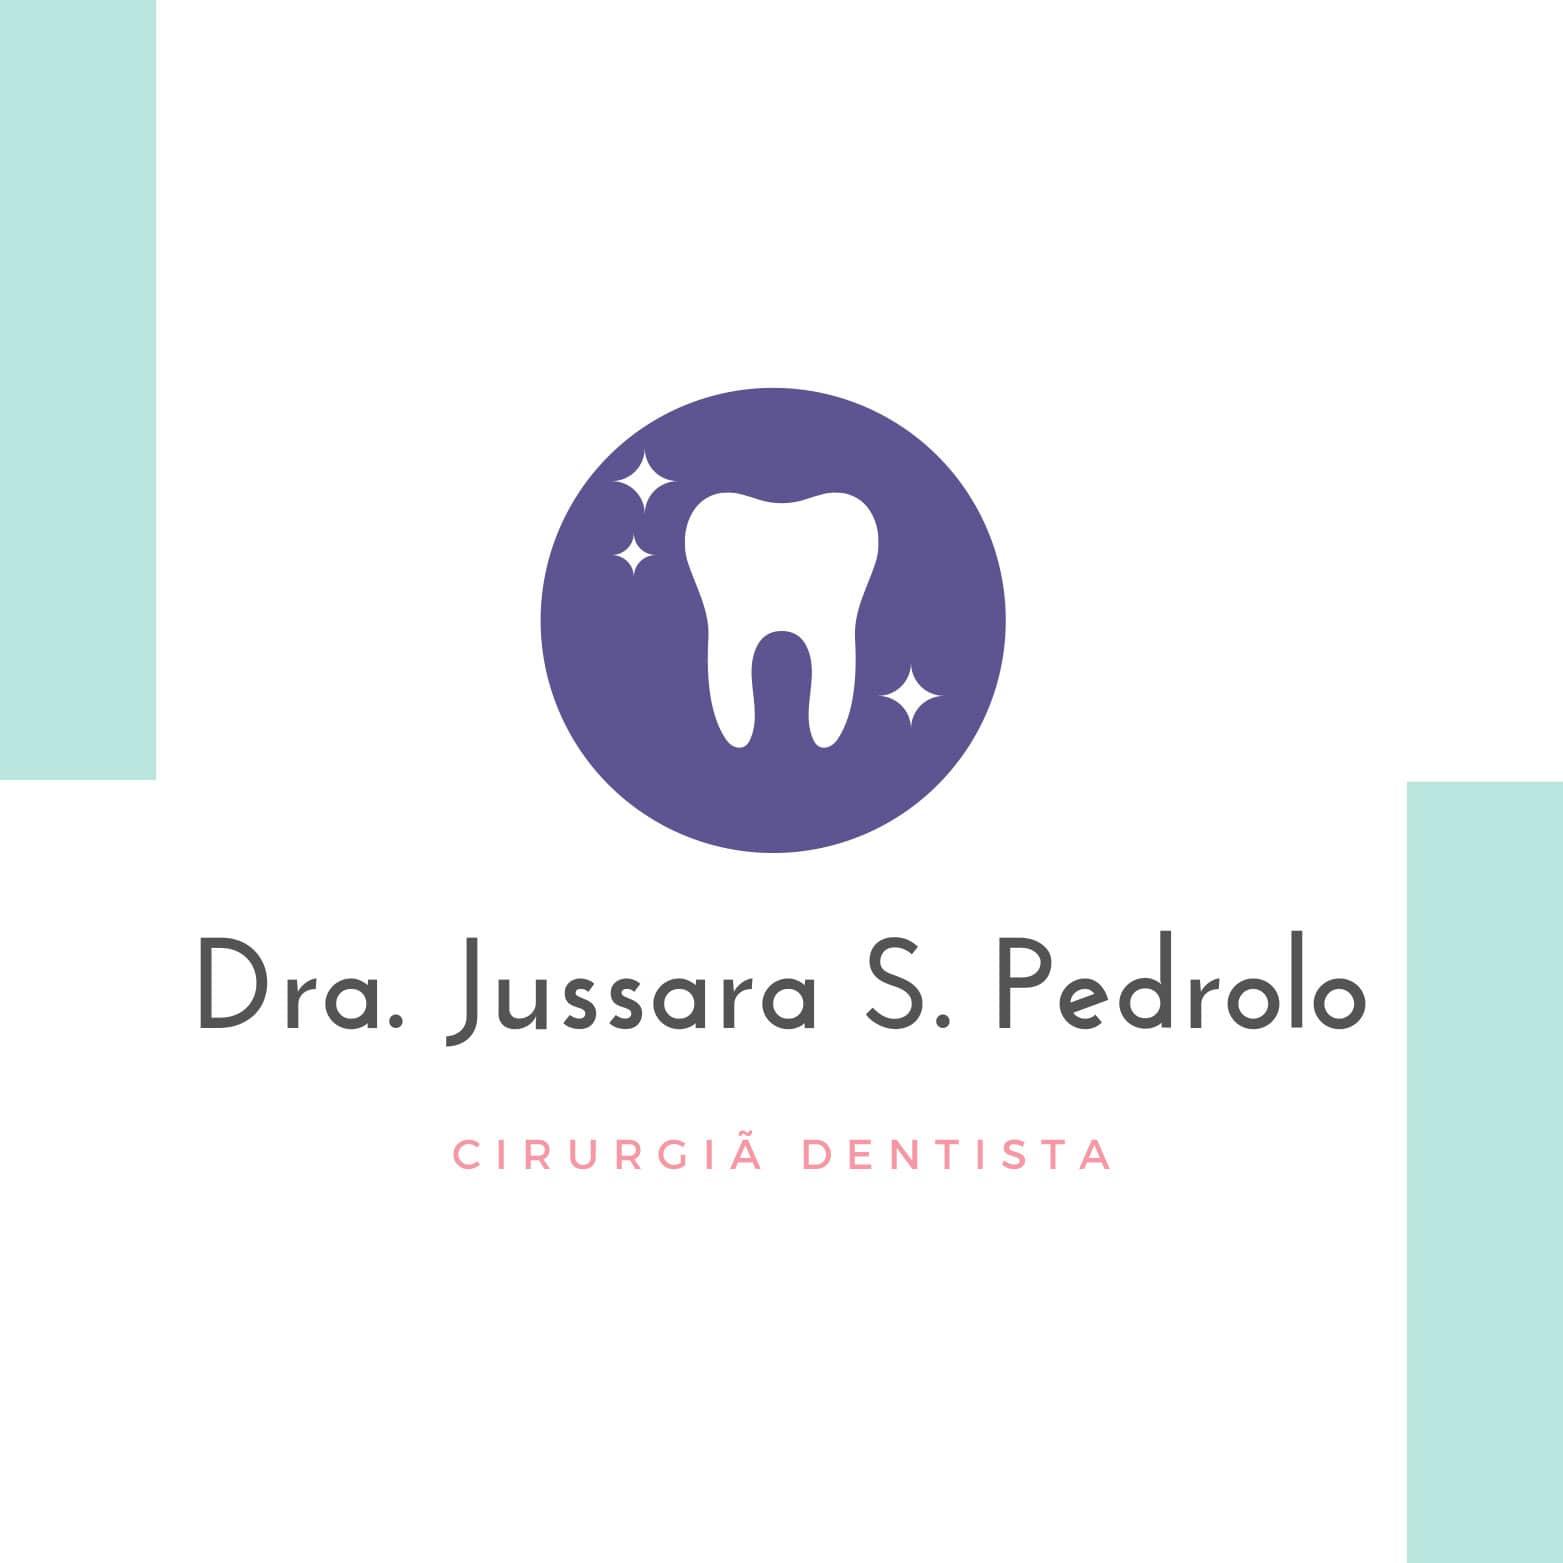 Dentista no Bairro Ulysses Guimarães - Joinville